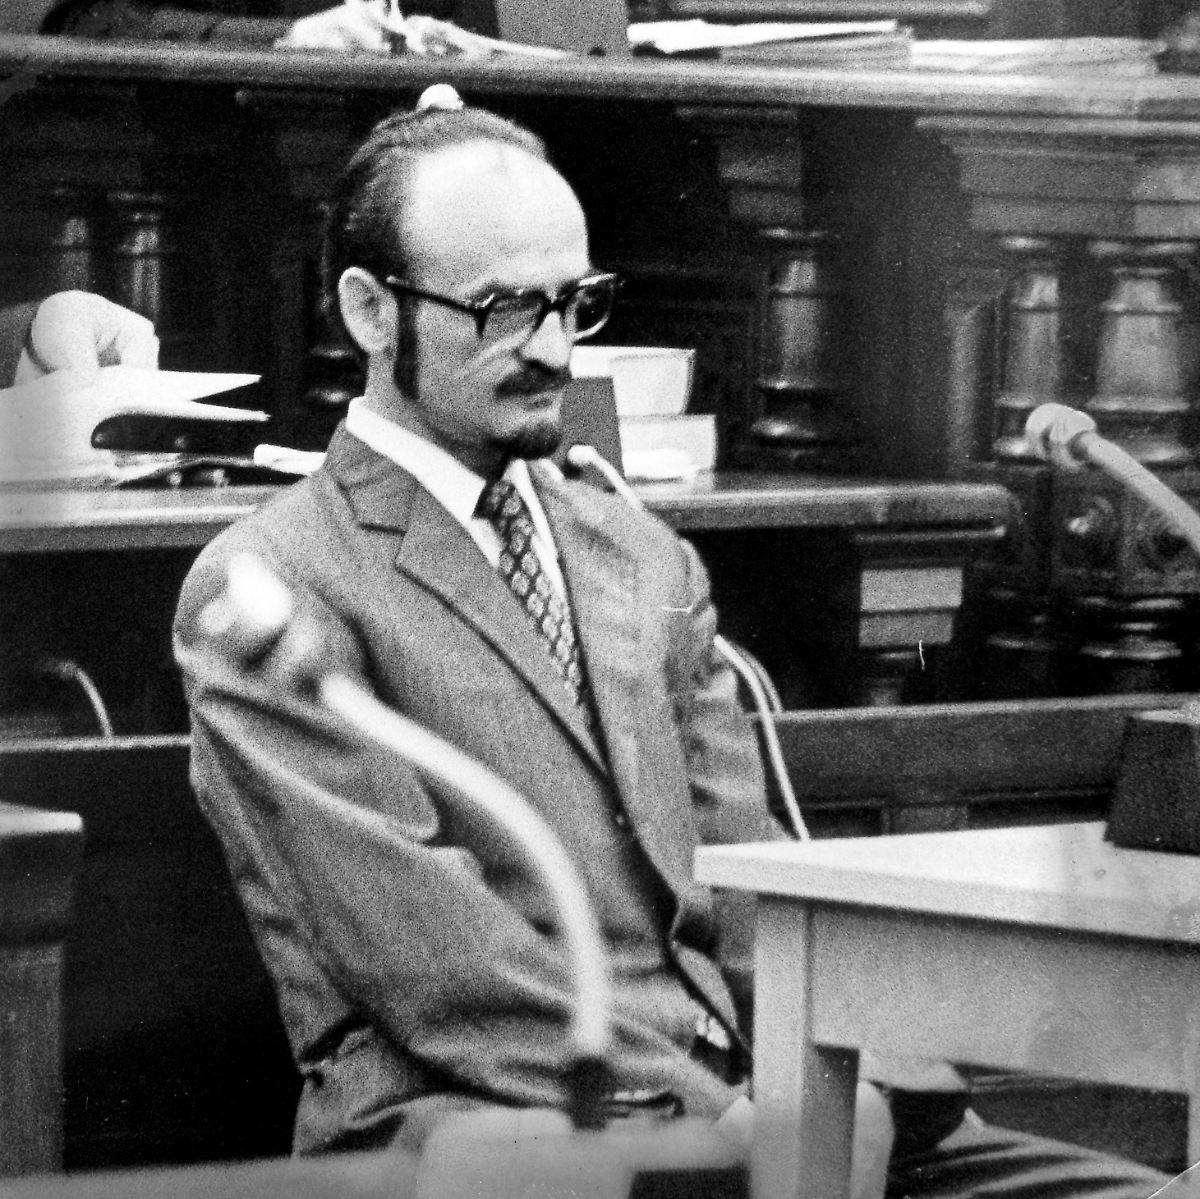 Film über Serienmörder Die ganze Geschichte von Fritz Honka   n tv.de